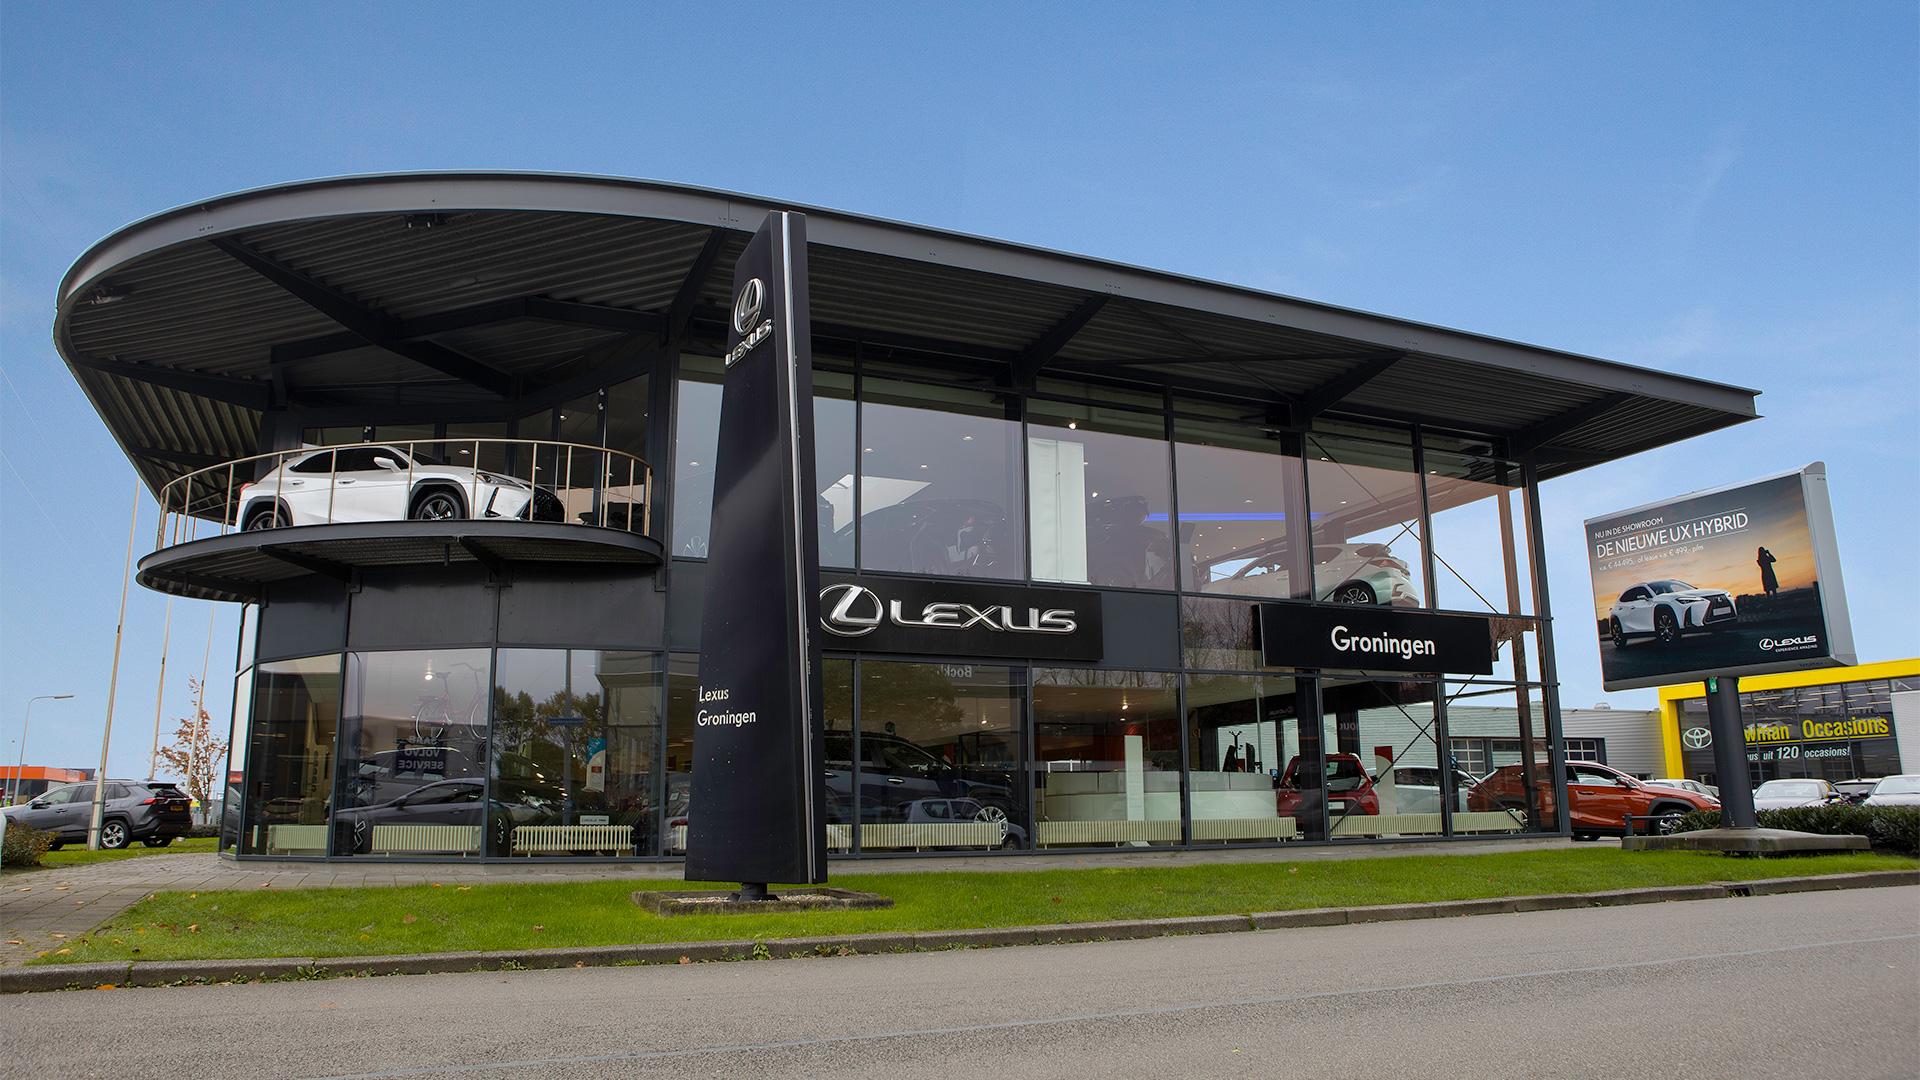 Afbeelding van het pand van Lexus Groningen